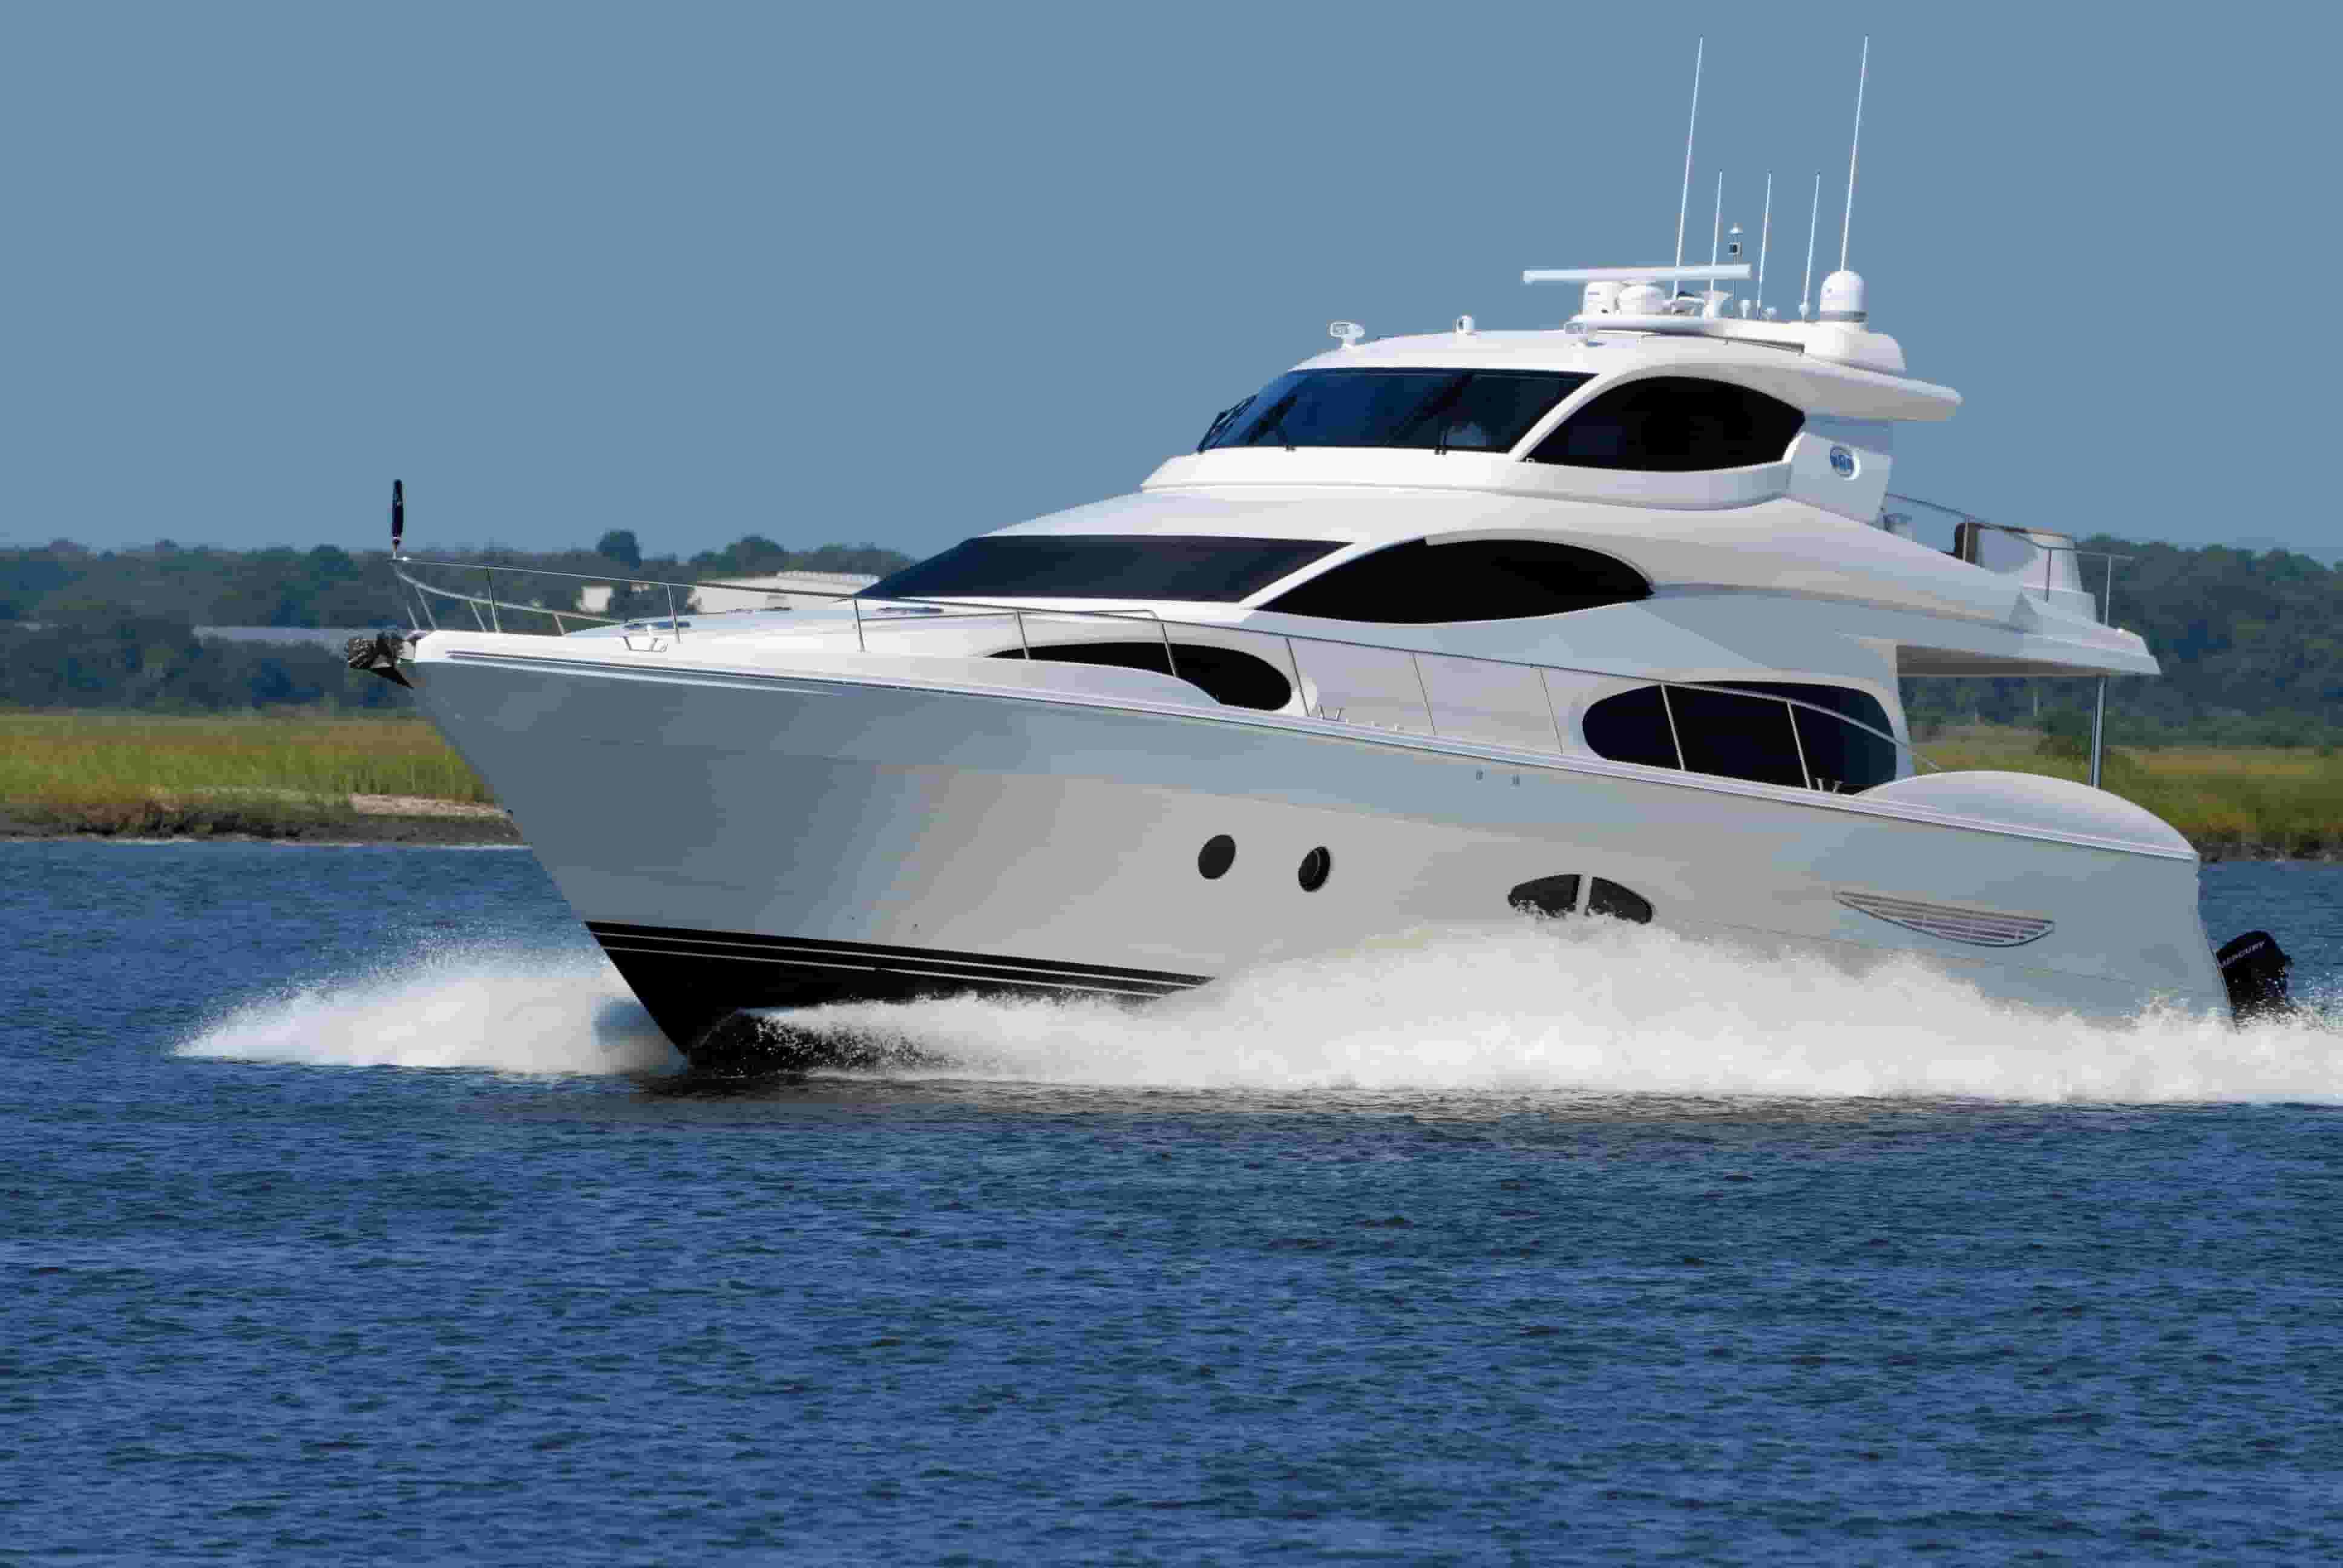 Експертна оцінка яхт, ВИРОБЛЯЄМО РОЗРАХУНОК РИНКОВОЇ ВАРТОСТІ